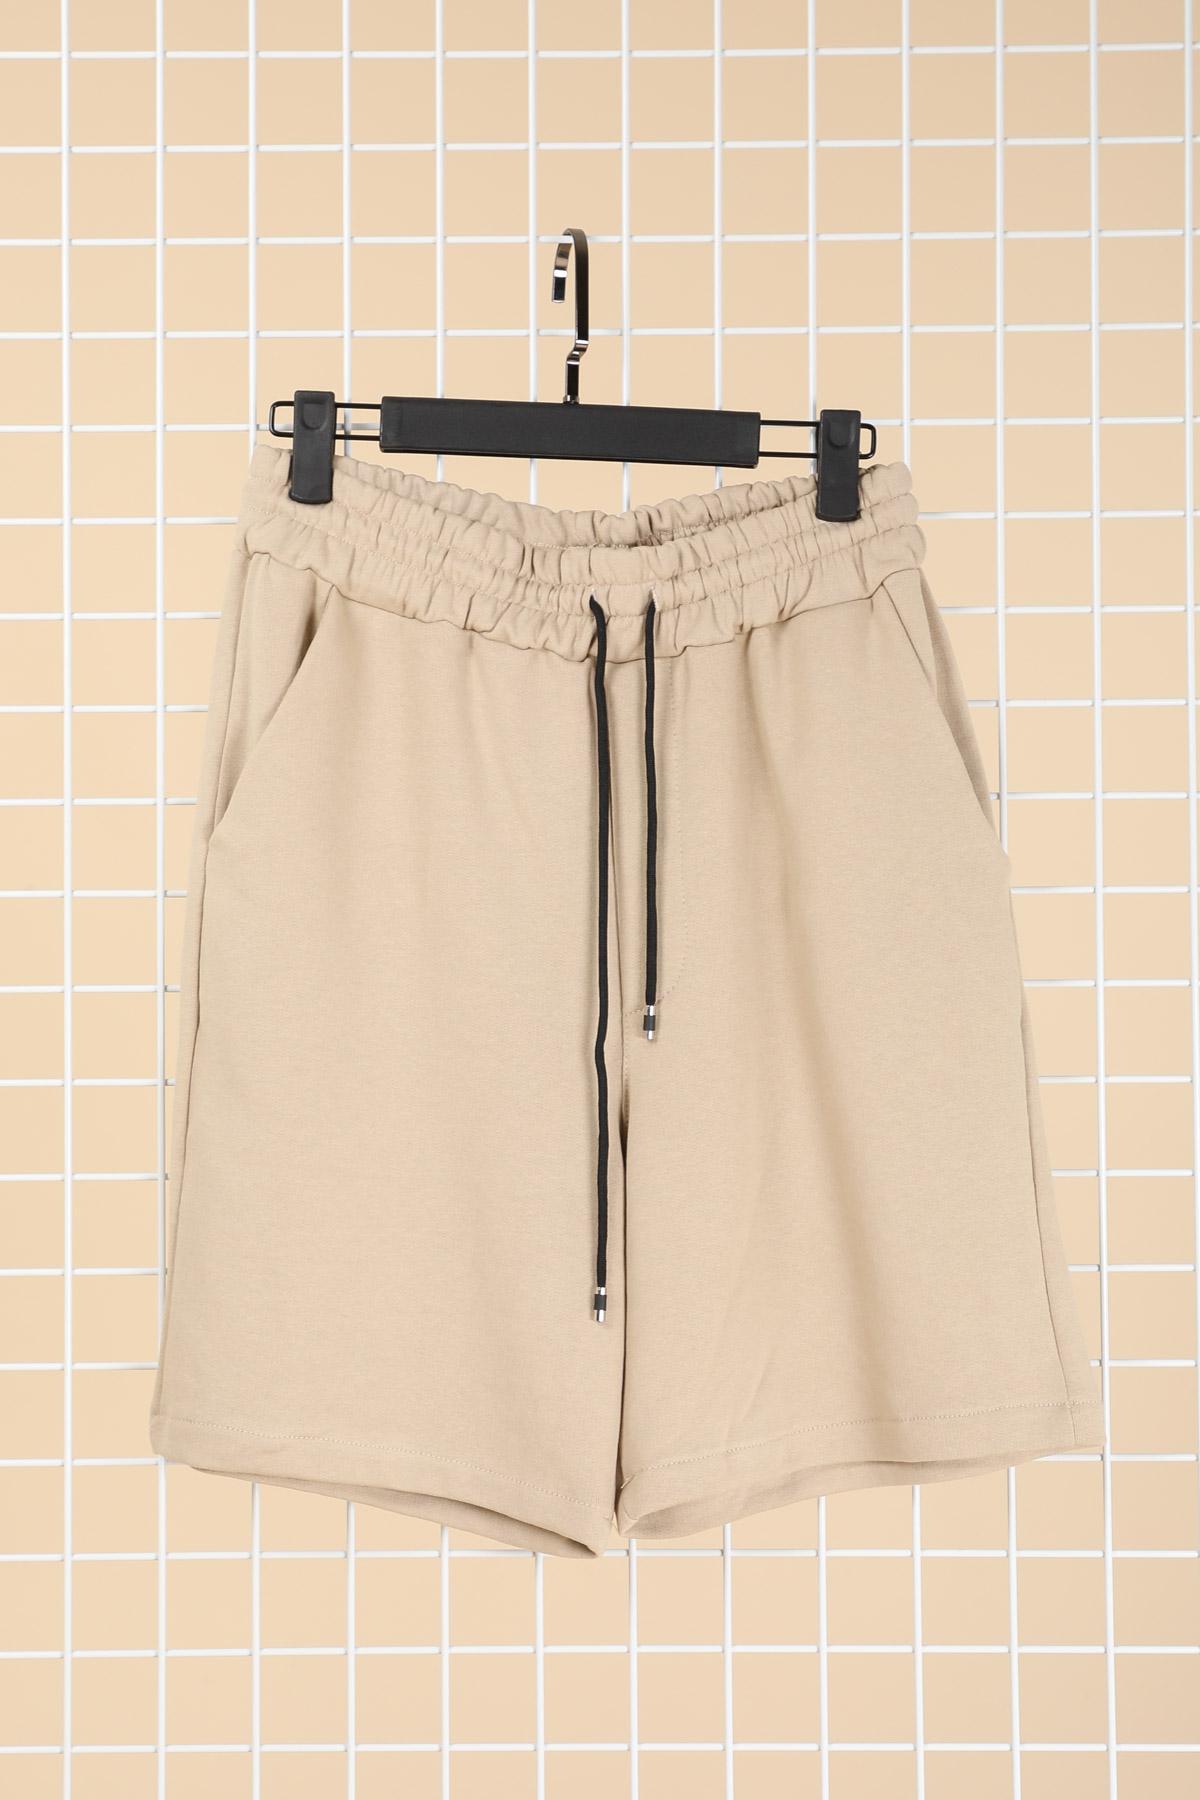 Shorts Homme Beige TOP MONDAY 8353 #c eFashion Paris